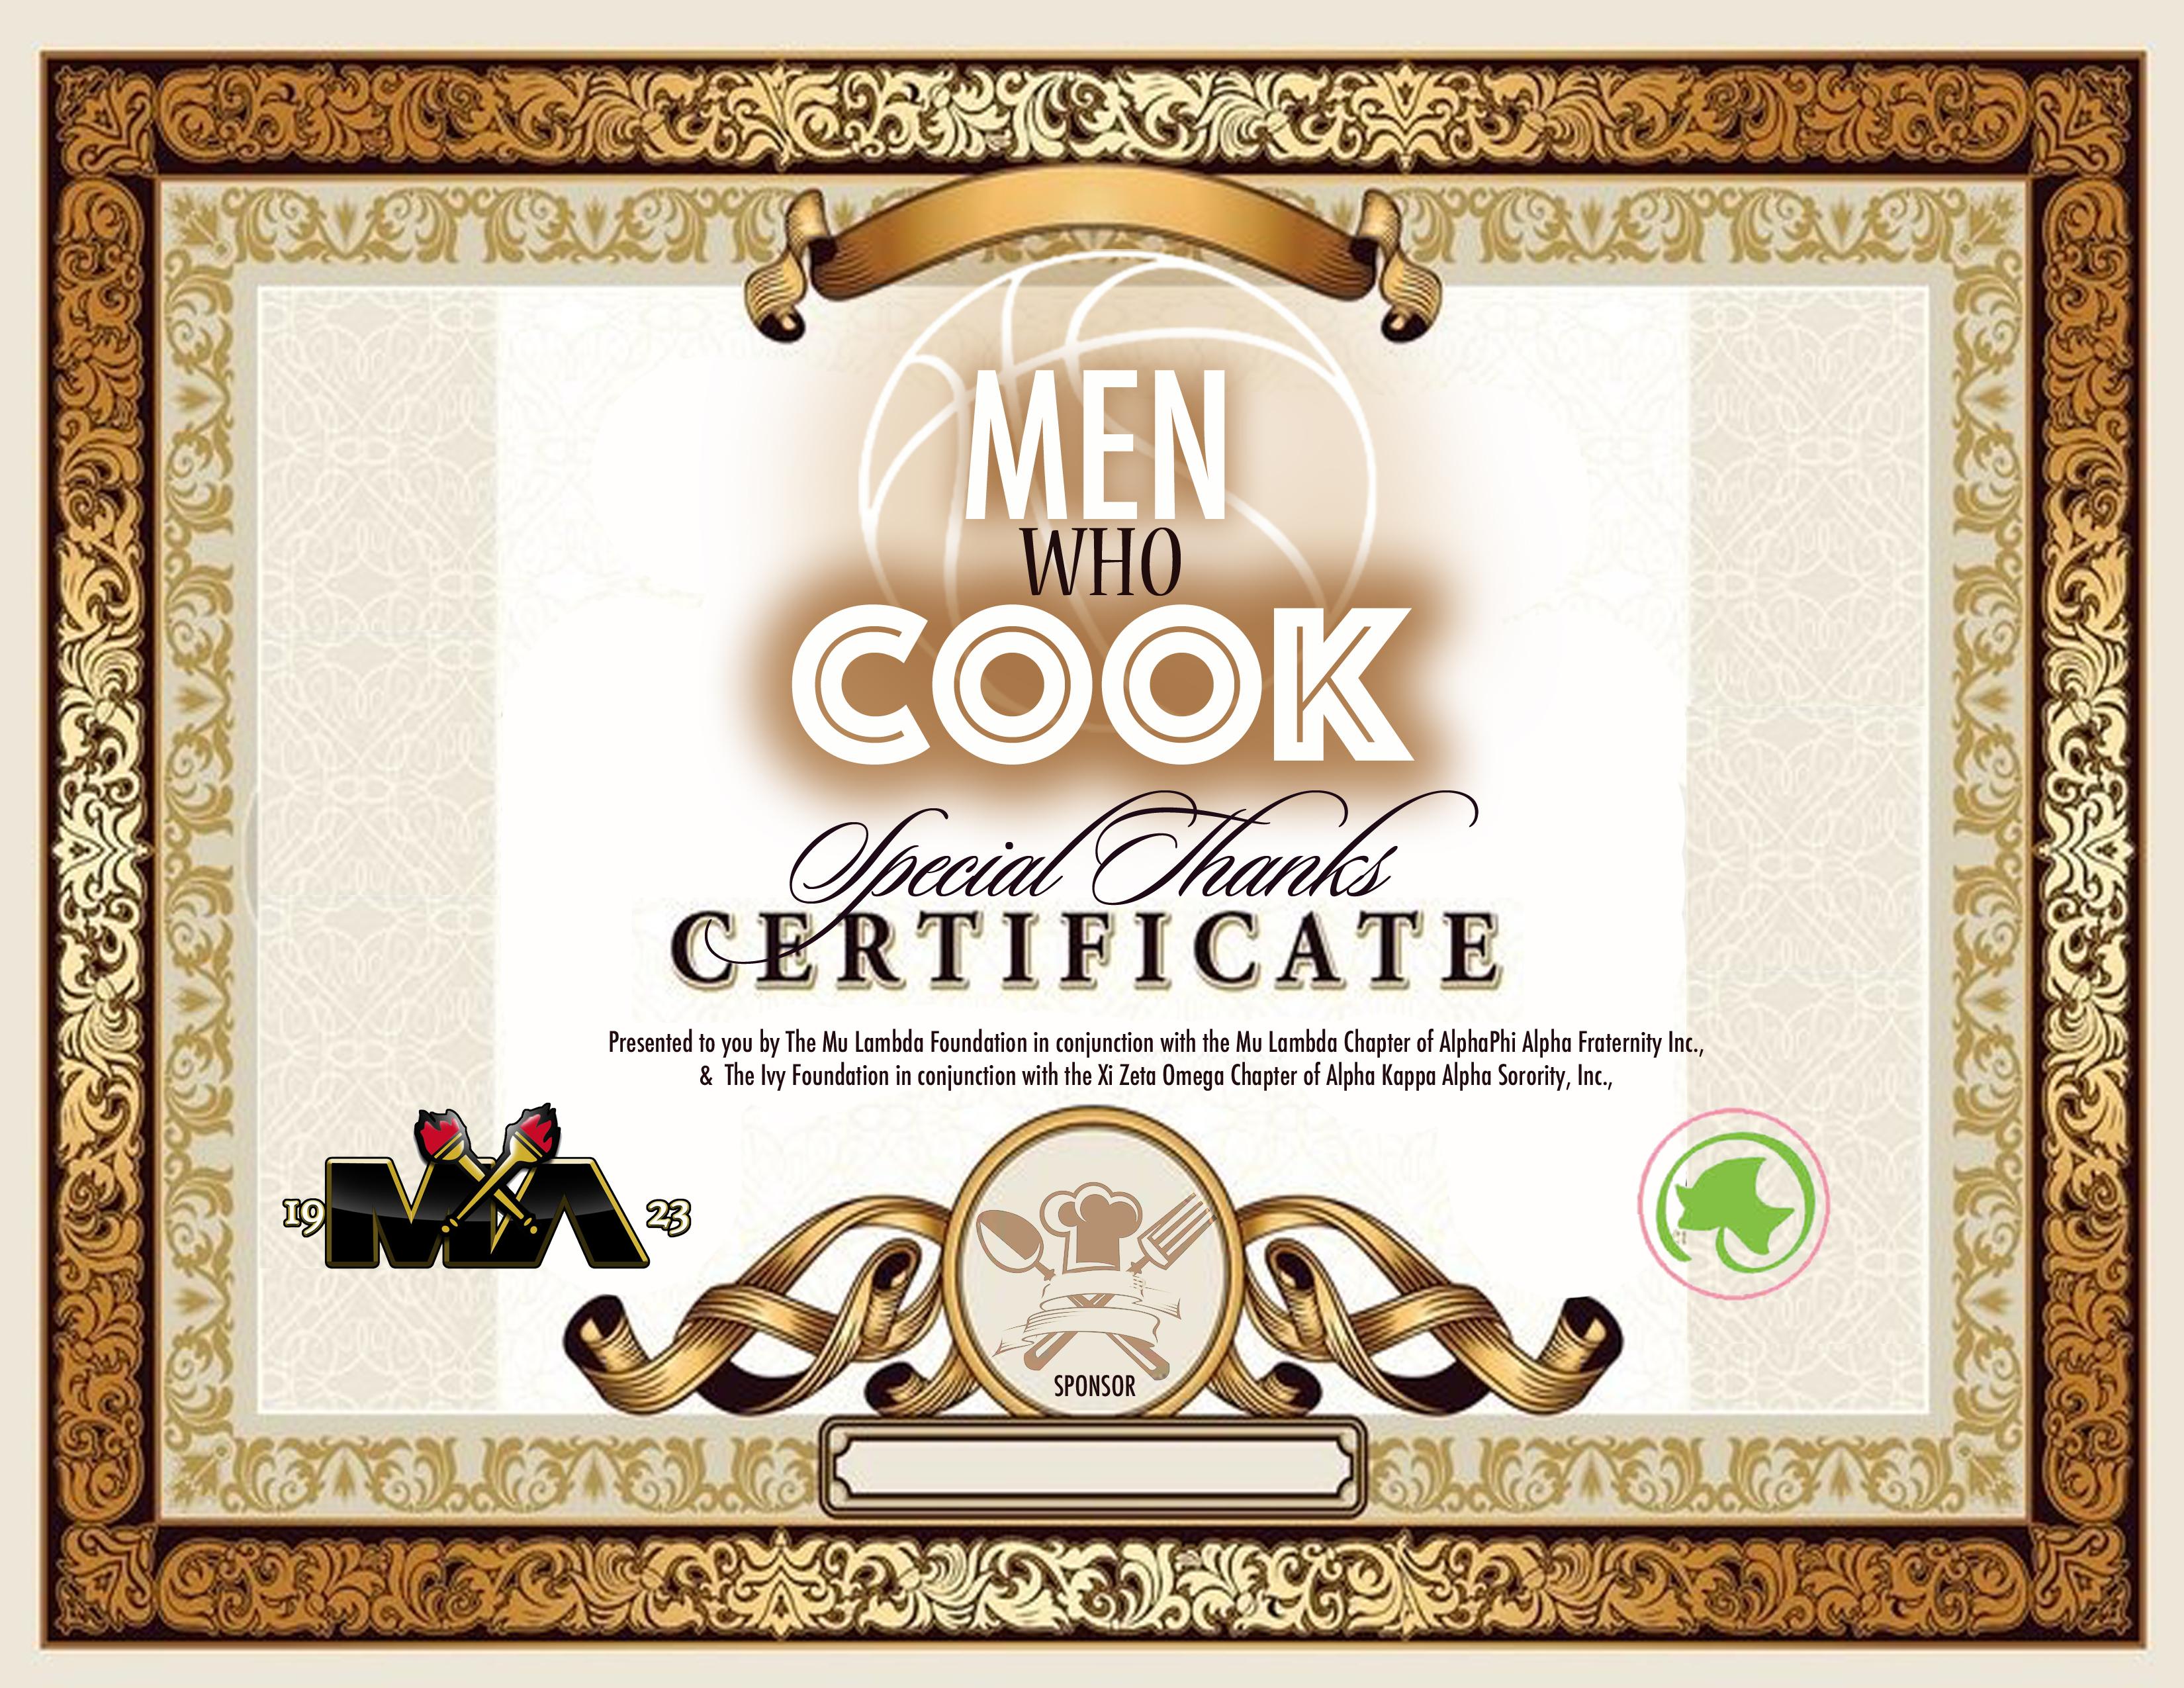 menwhocook certificate 2